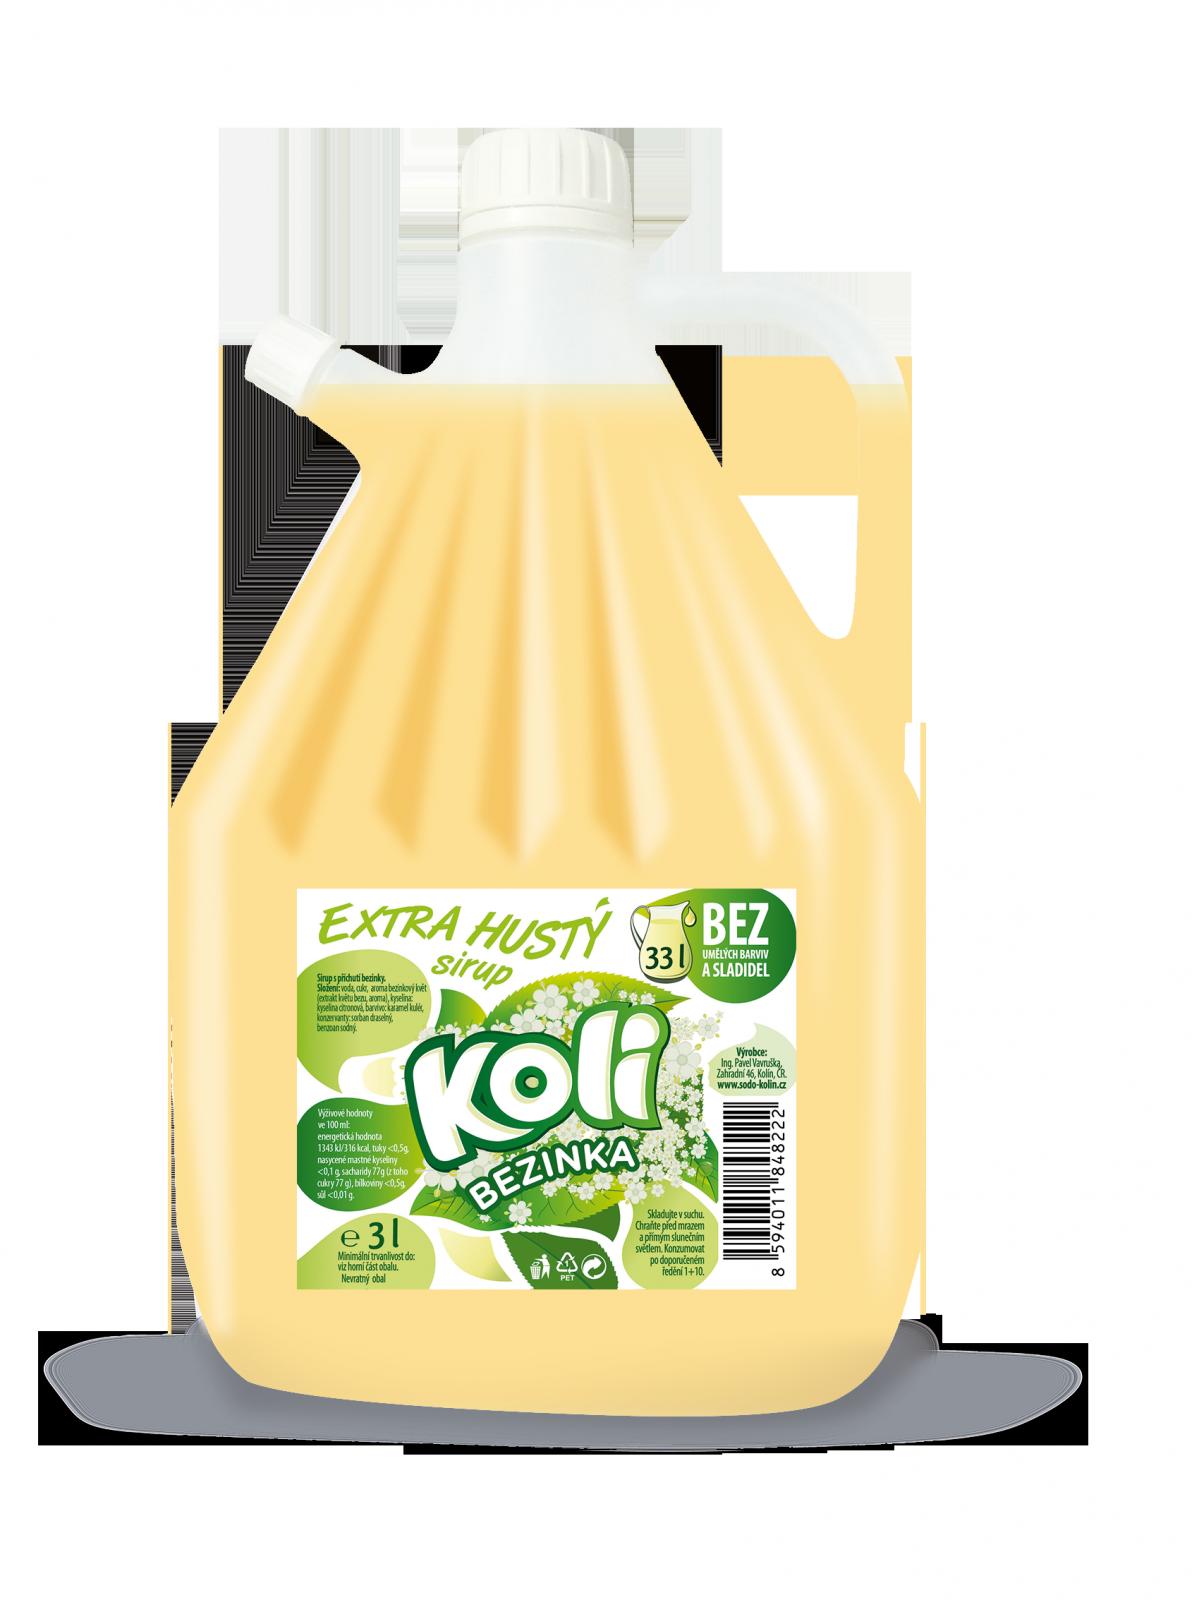 Koli syrop EXTRA gęsty 3lt bezinka - orzeźwiająca lemoniada o smaku białego bzu. Sodovkárna Kolín